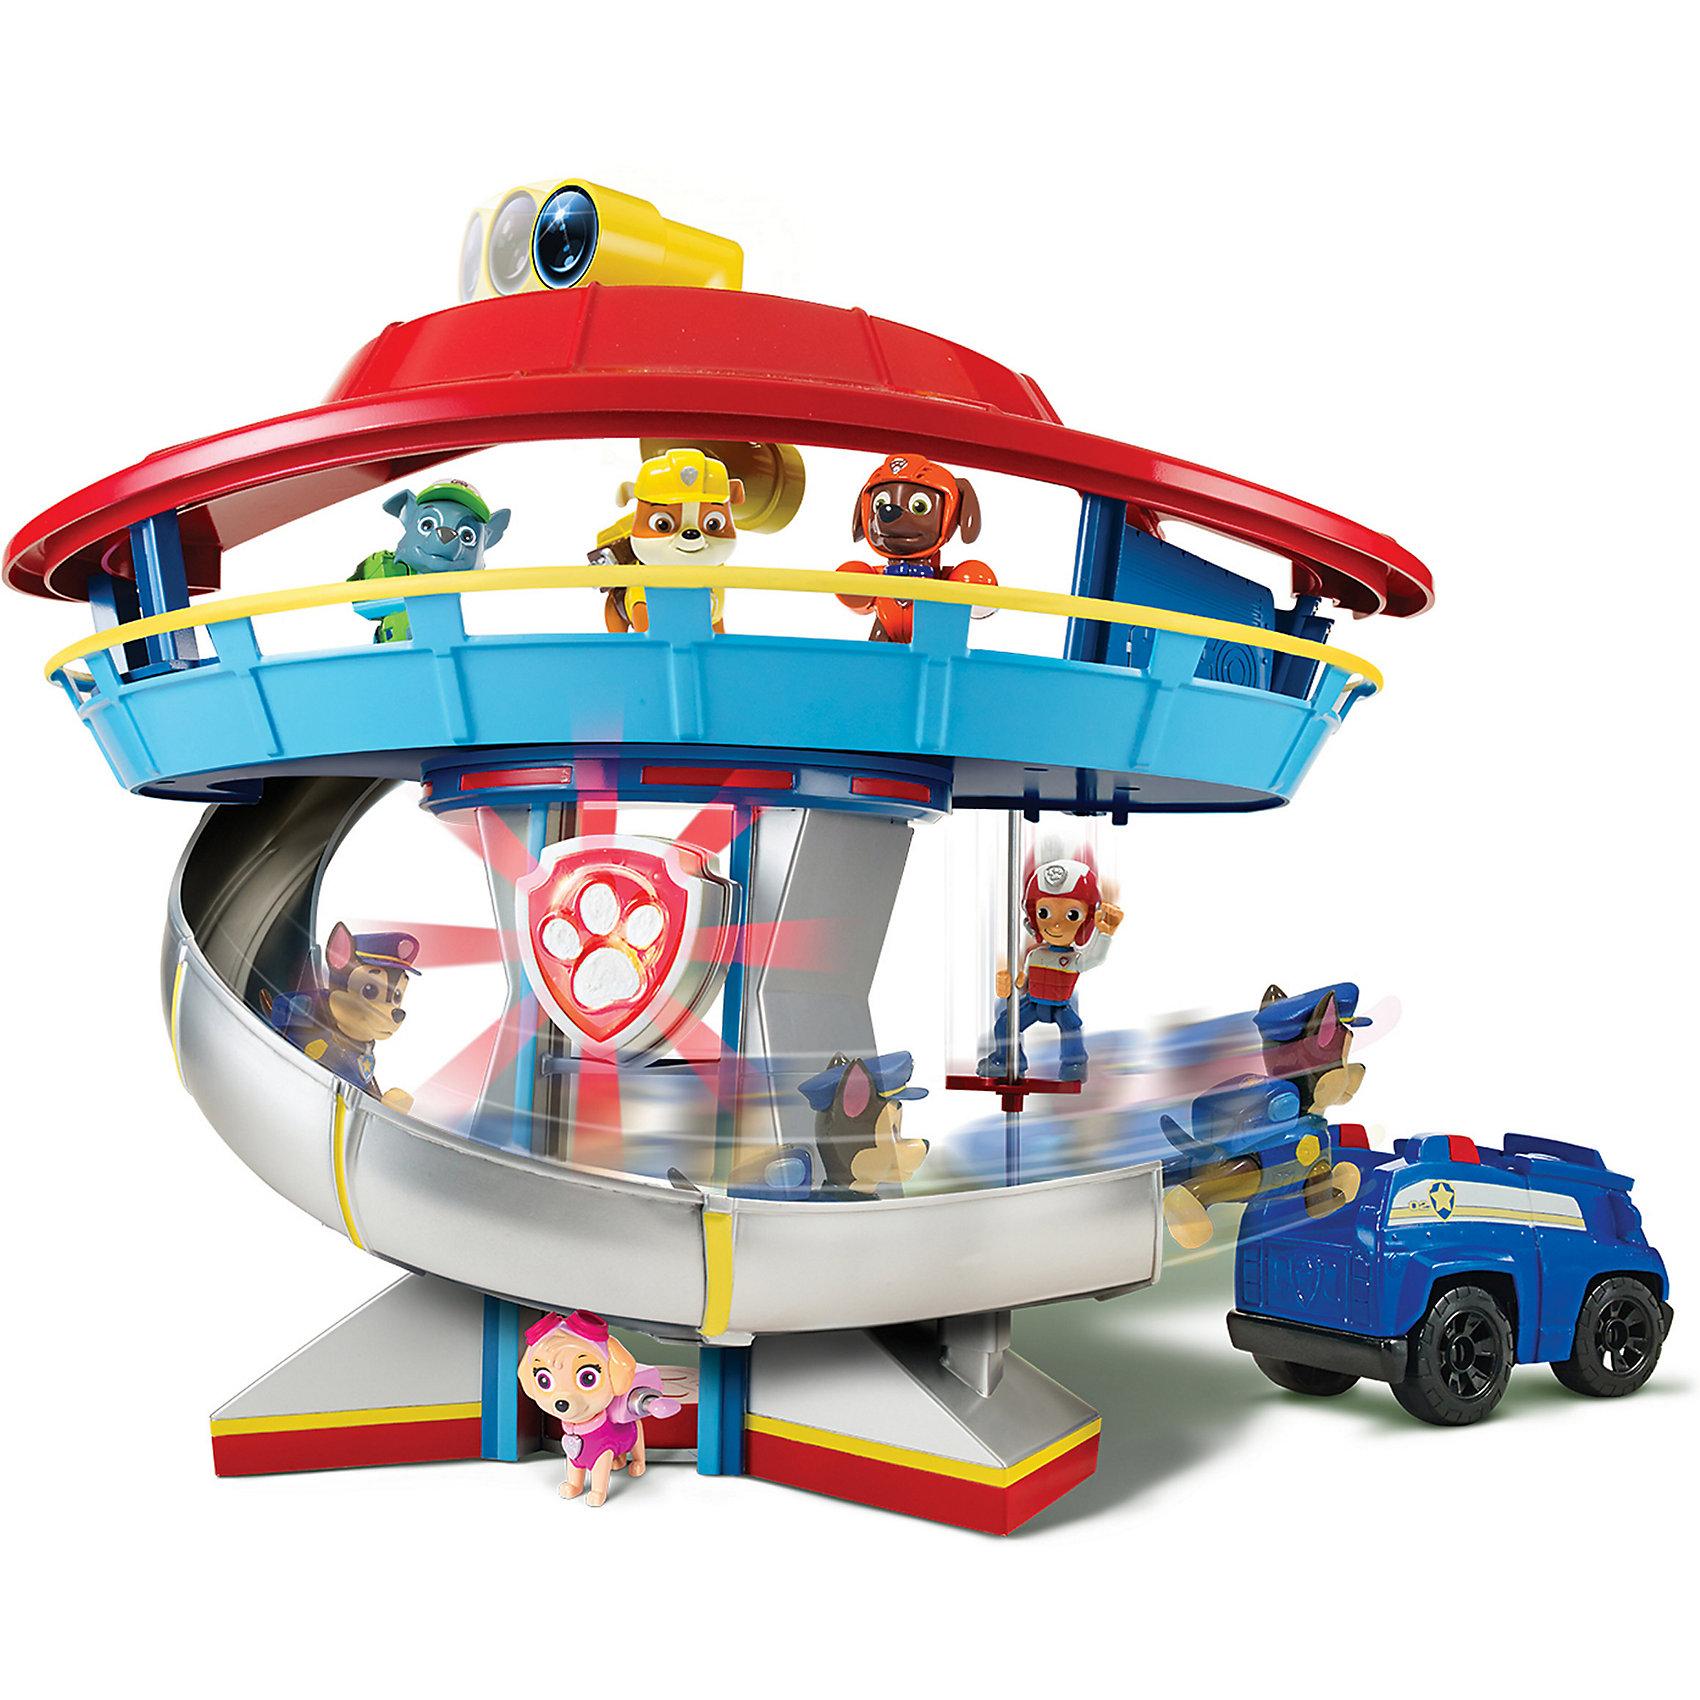 Spin Master Большой игровой набор Офис спасателей, Щенячий патруль, Spin Master spin master большой автомобиль спасателей экскаватор крепыша щенячий патруль